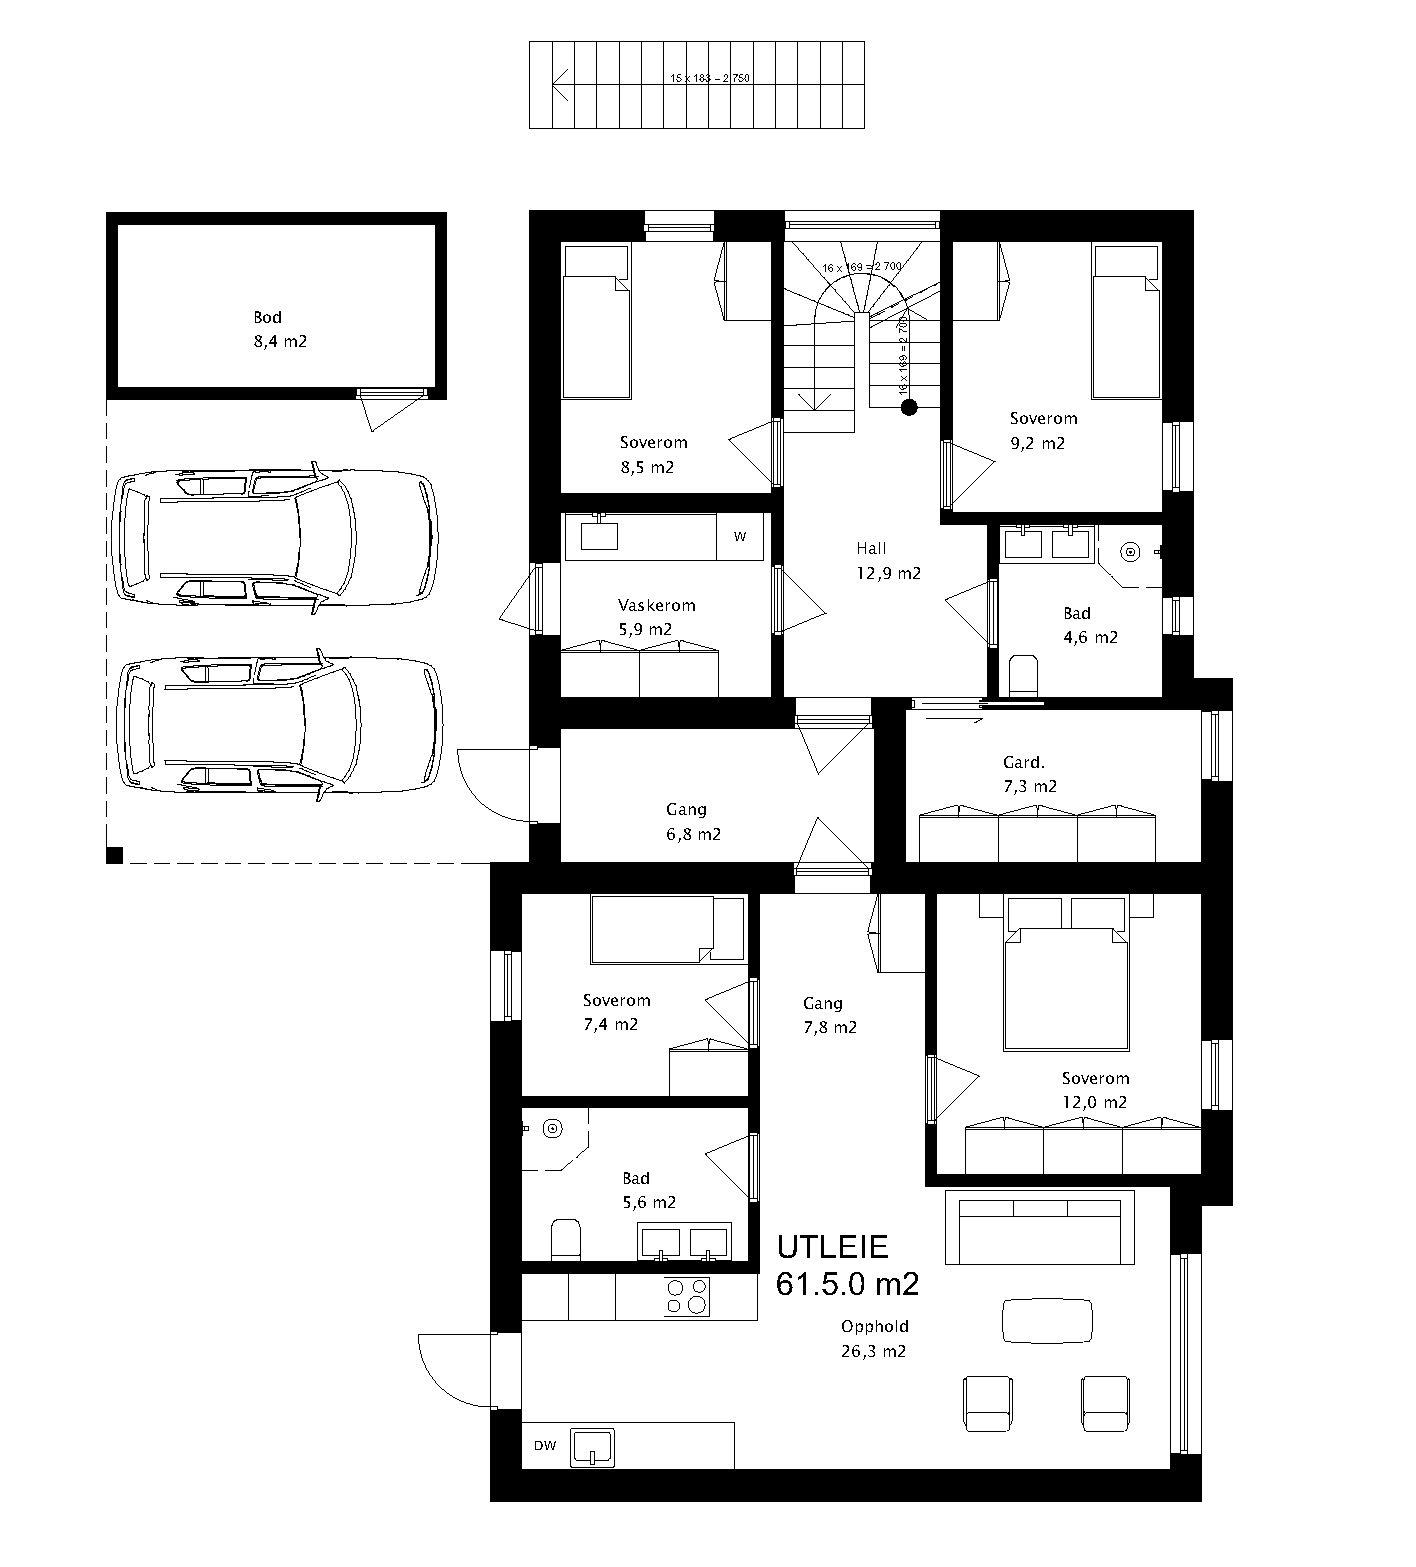 Boligtype 3 Plan 1.etasje.jpg